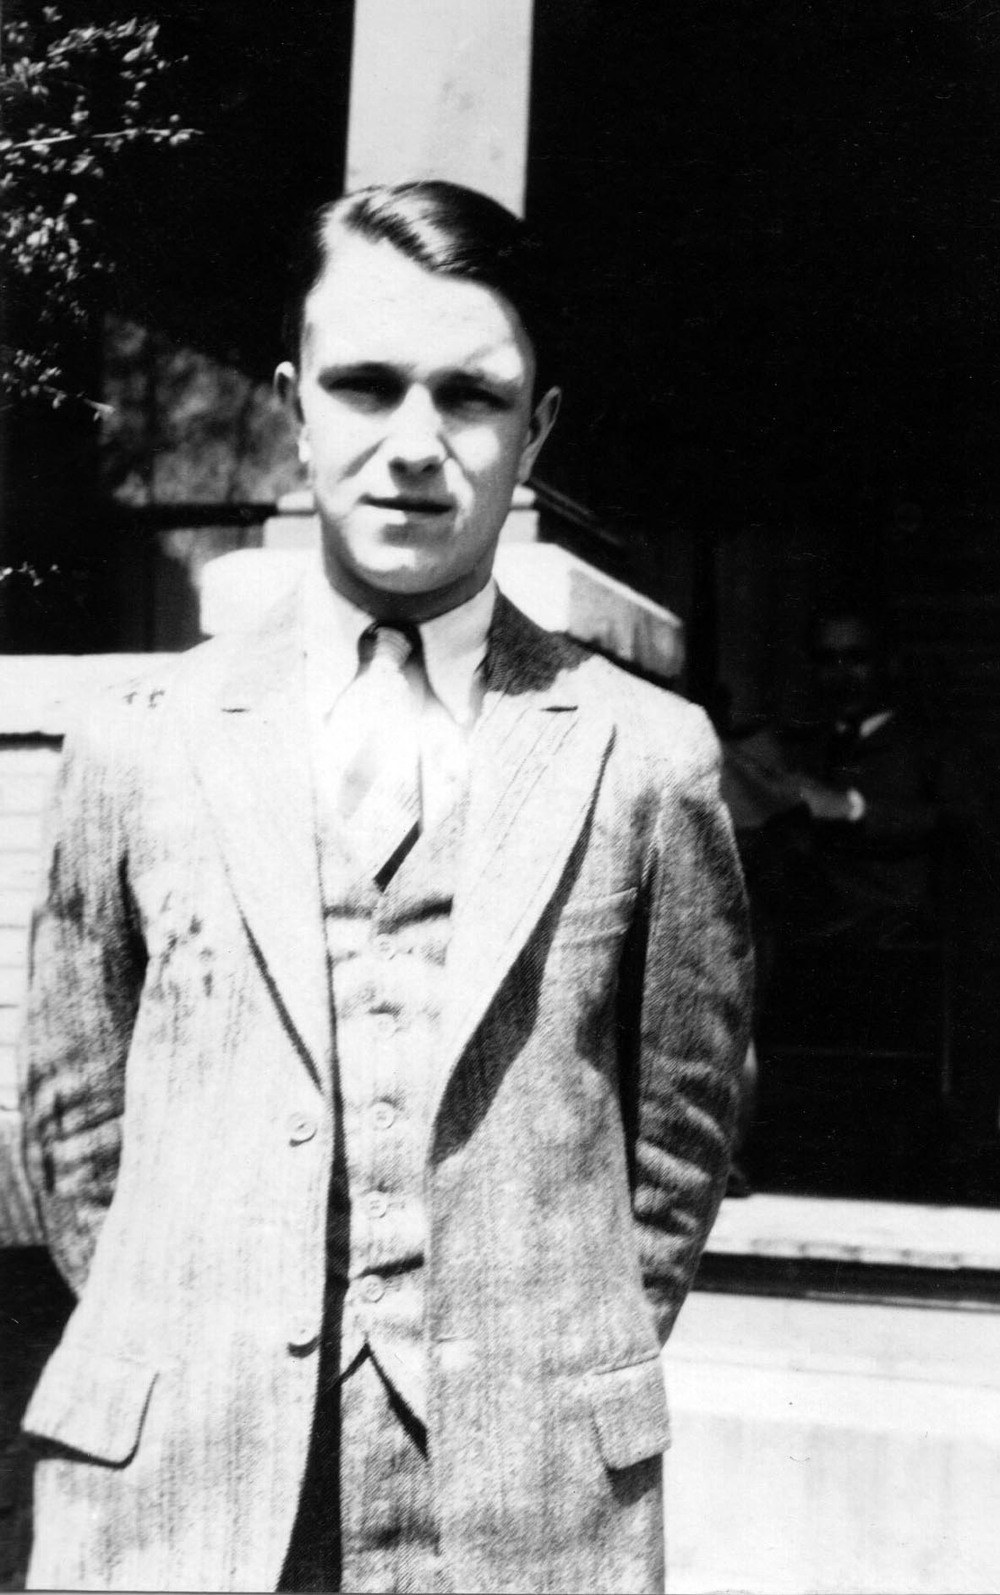 Joseph K. Bell Jr. 1932